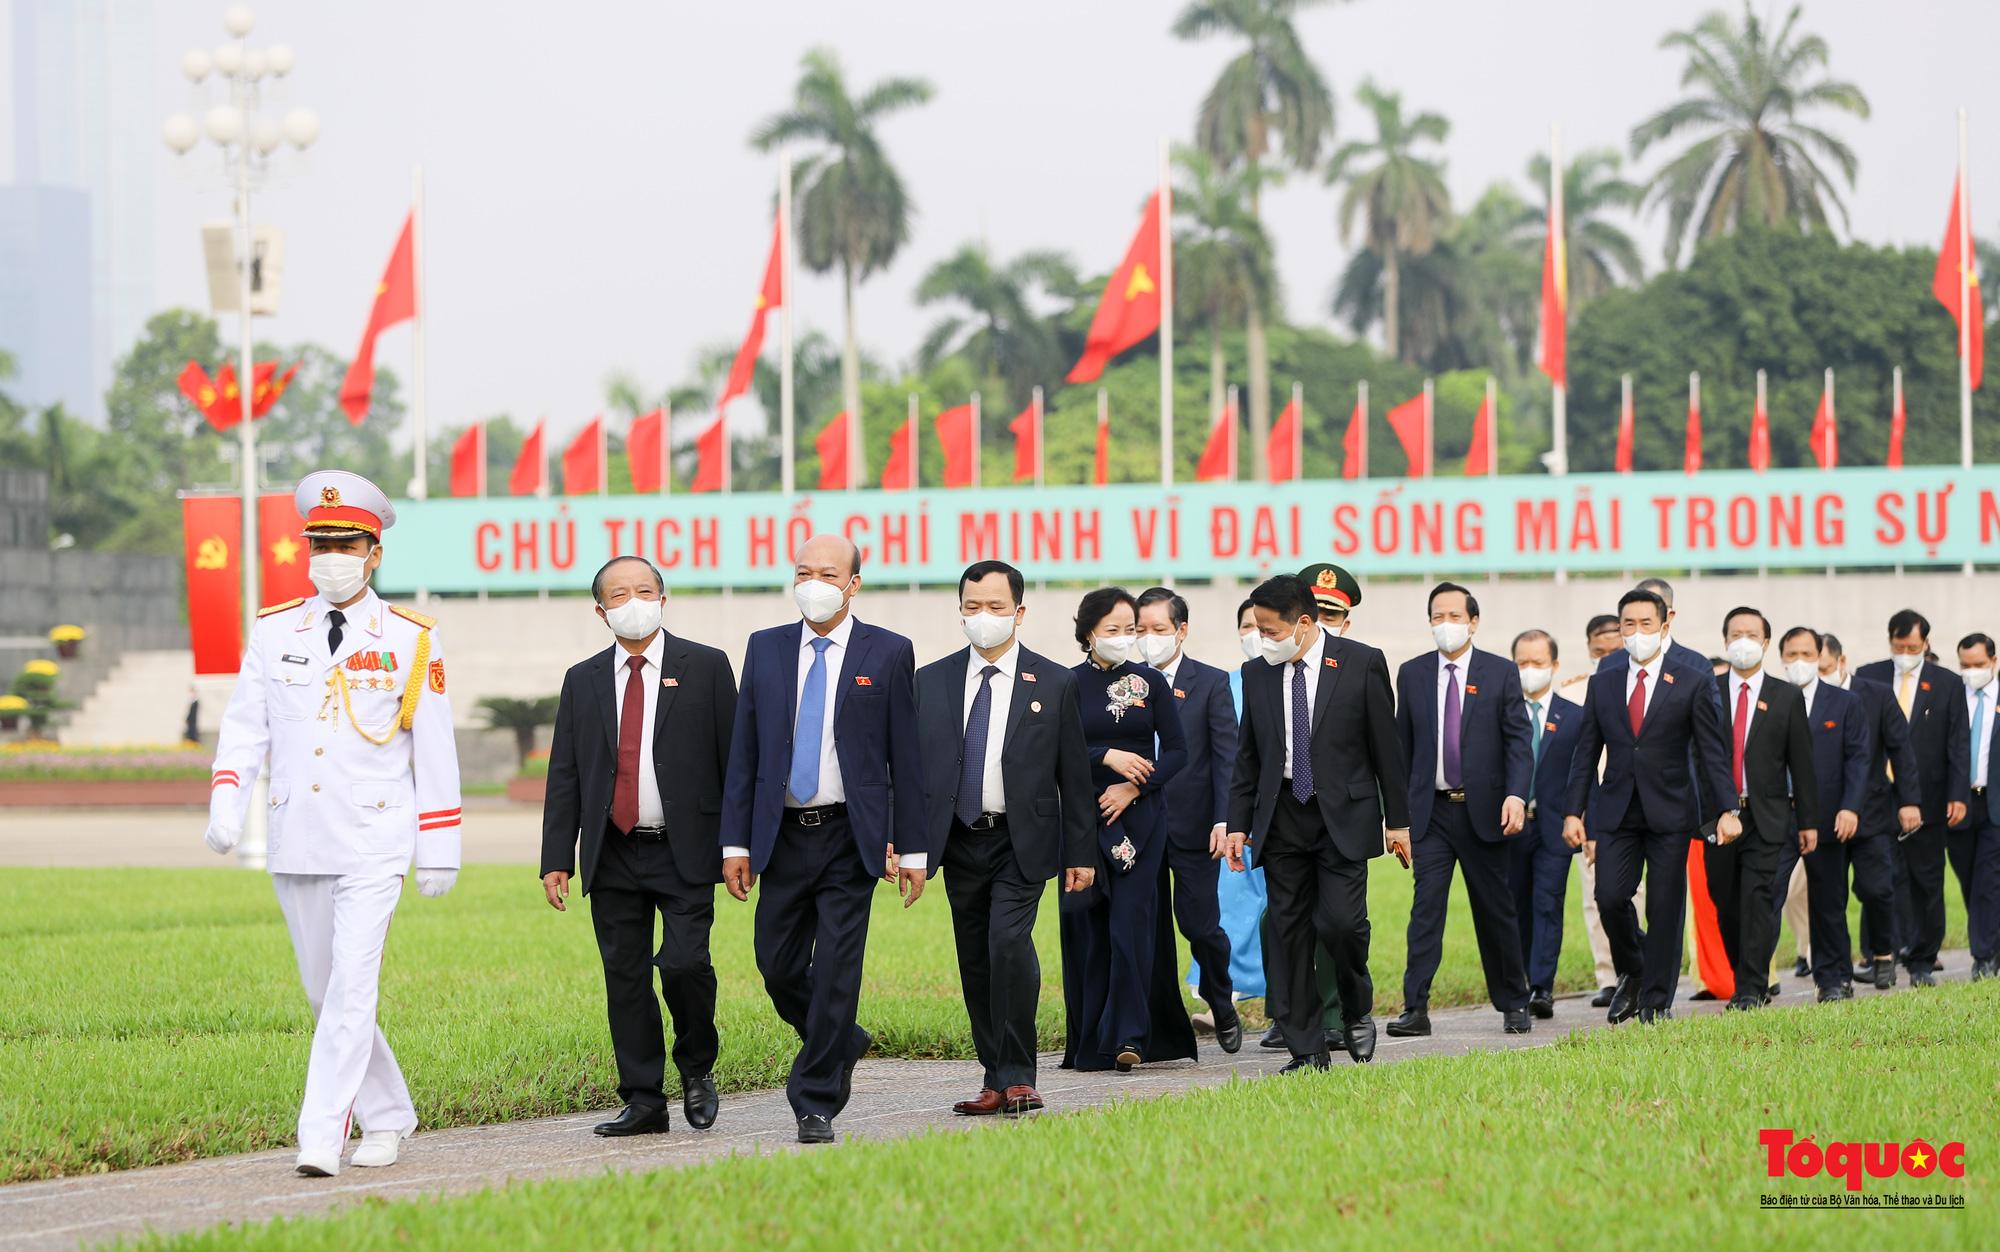 Lãnh đạo Đảng, Nhà nước và các đại biểu Quốc hội khóa XV vào Lăng viếng Chủ tịch Hồ Chí Minh - Ảnh 11.